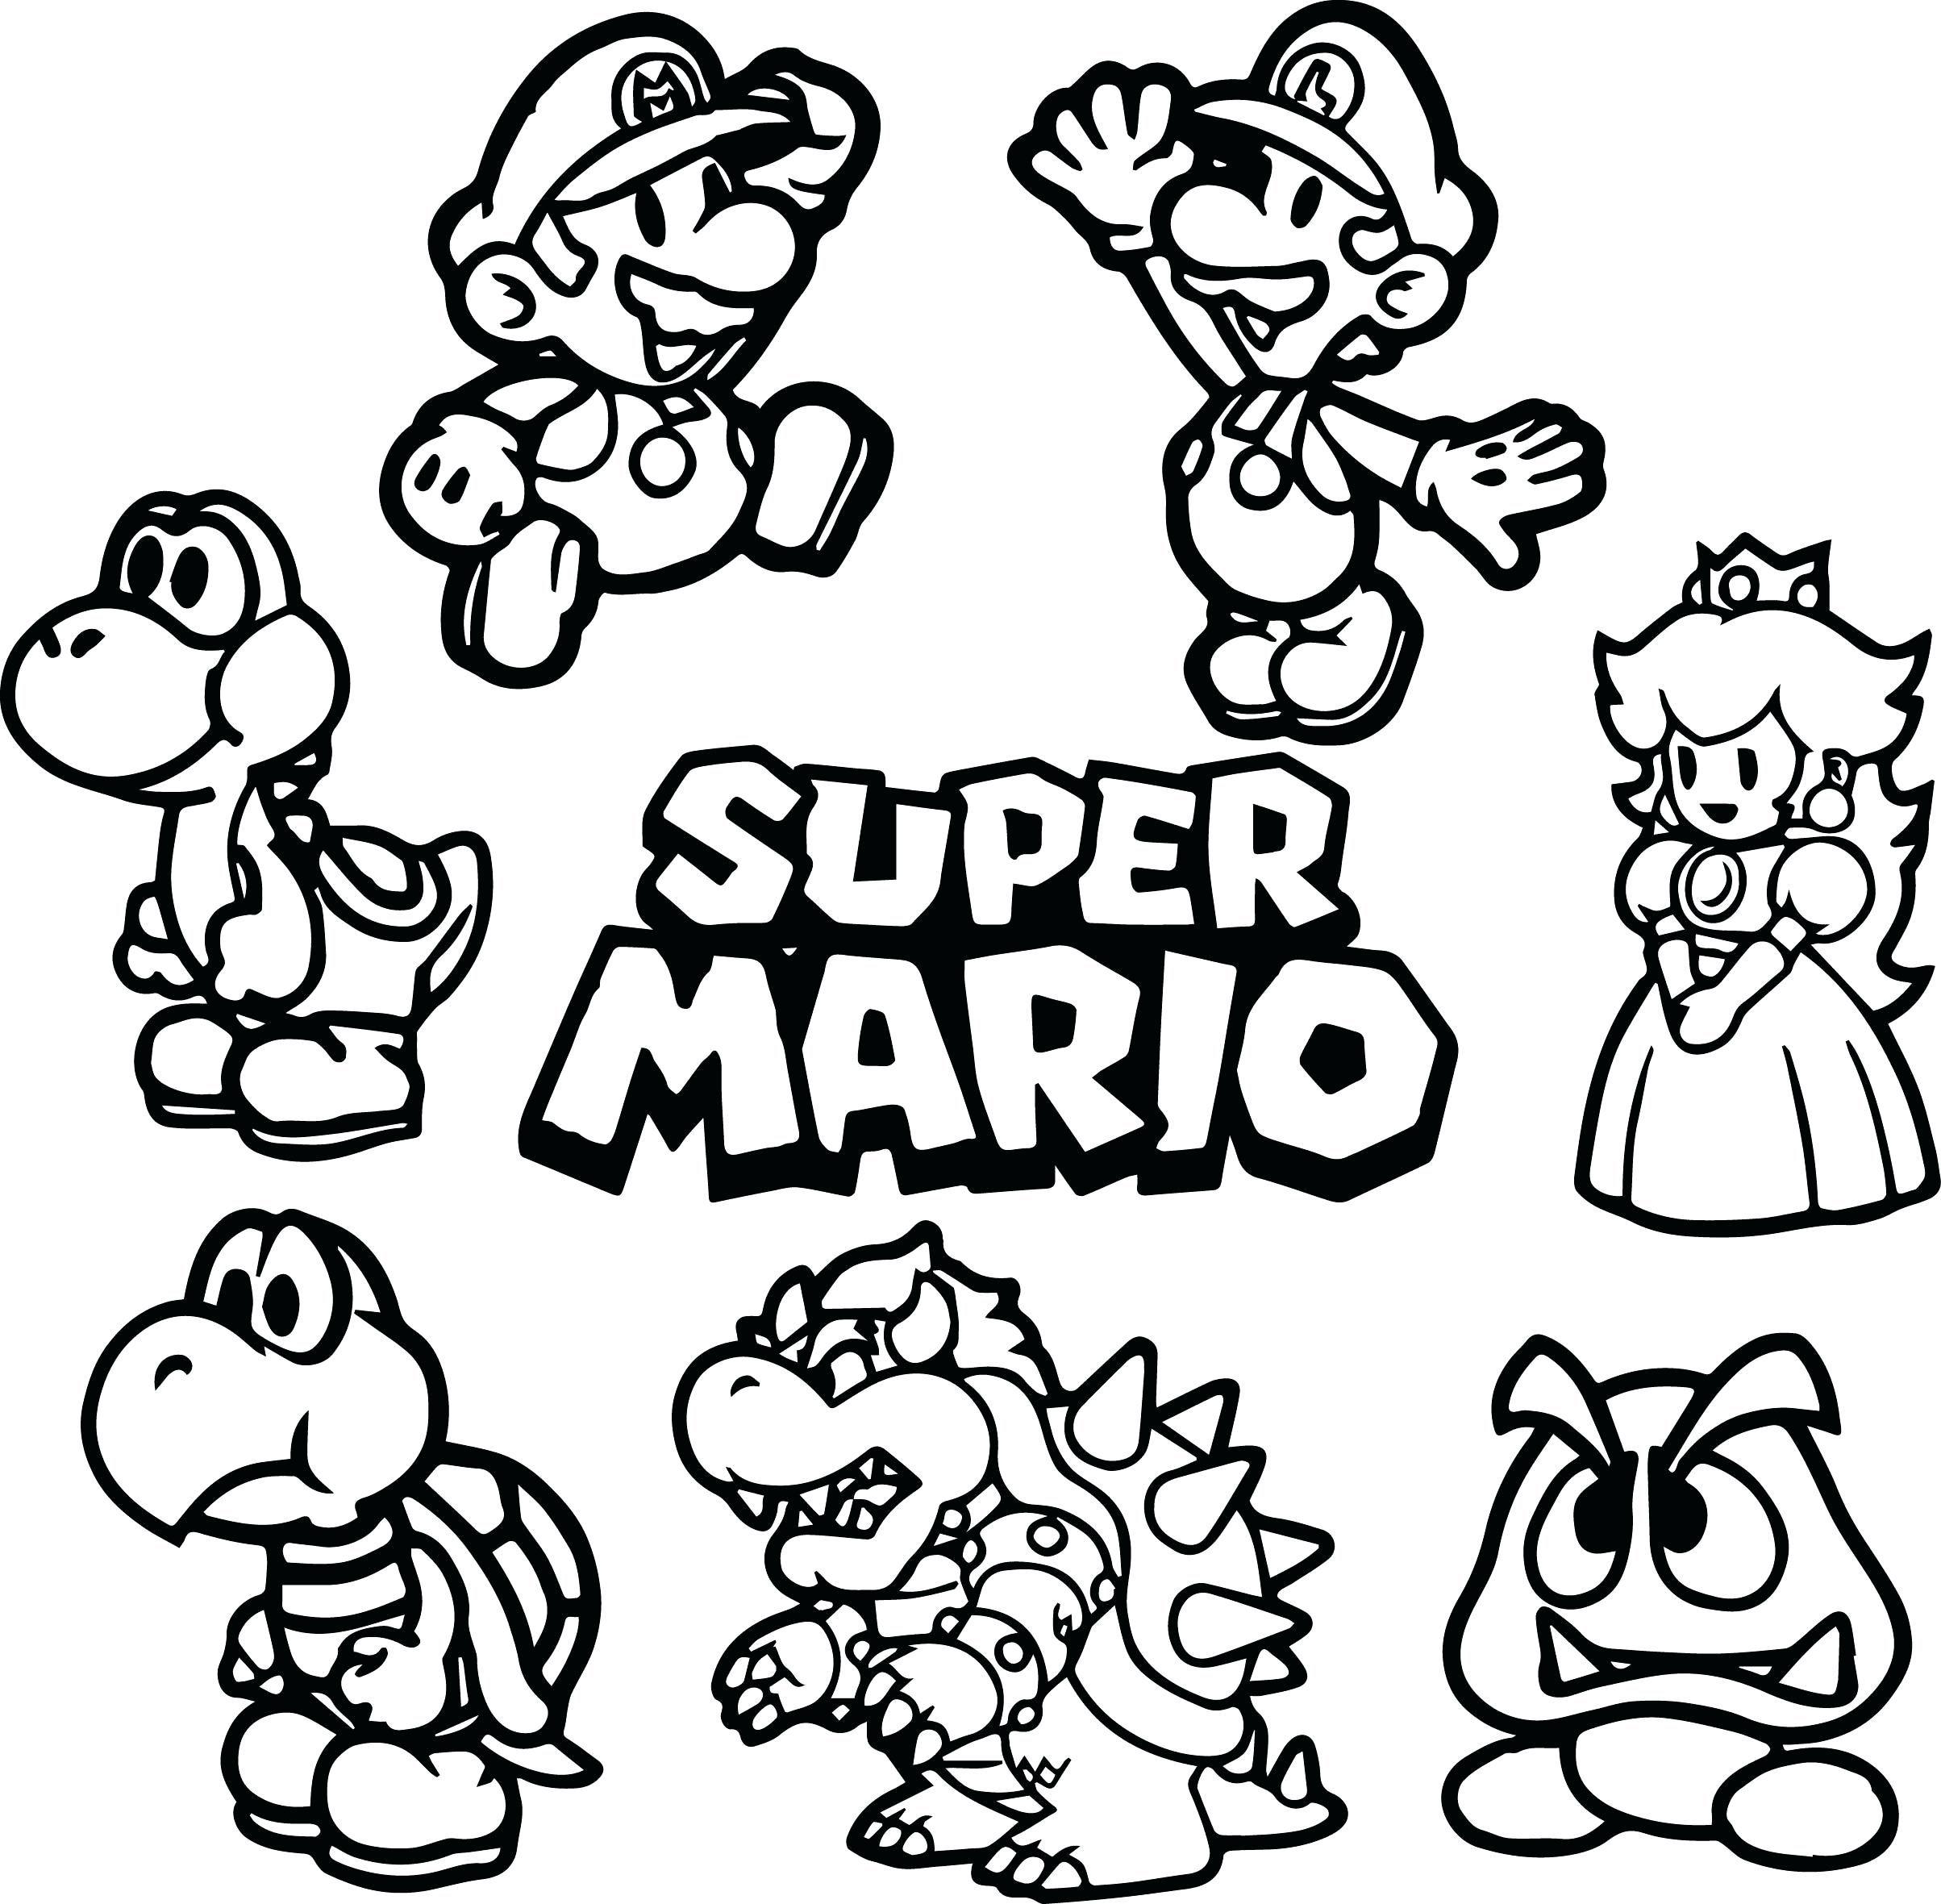 Mario Kart Coloring Pages Coloring Pages Mario Kart Printable Coloring Pages Adaptpape Desenhos Animados Para Colorir Desenho Super Mario Desenhos Para Colorir